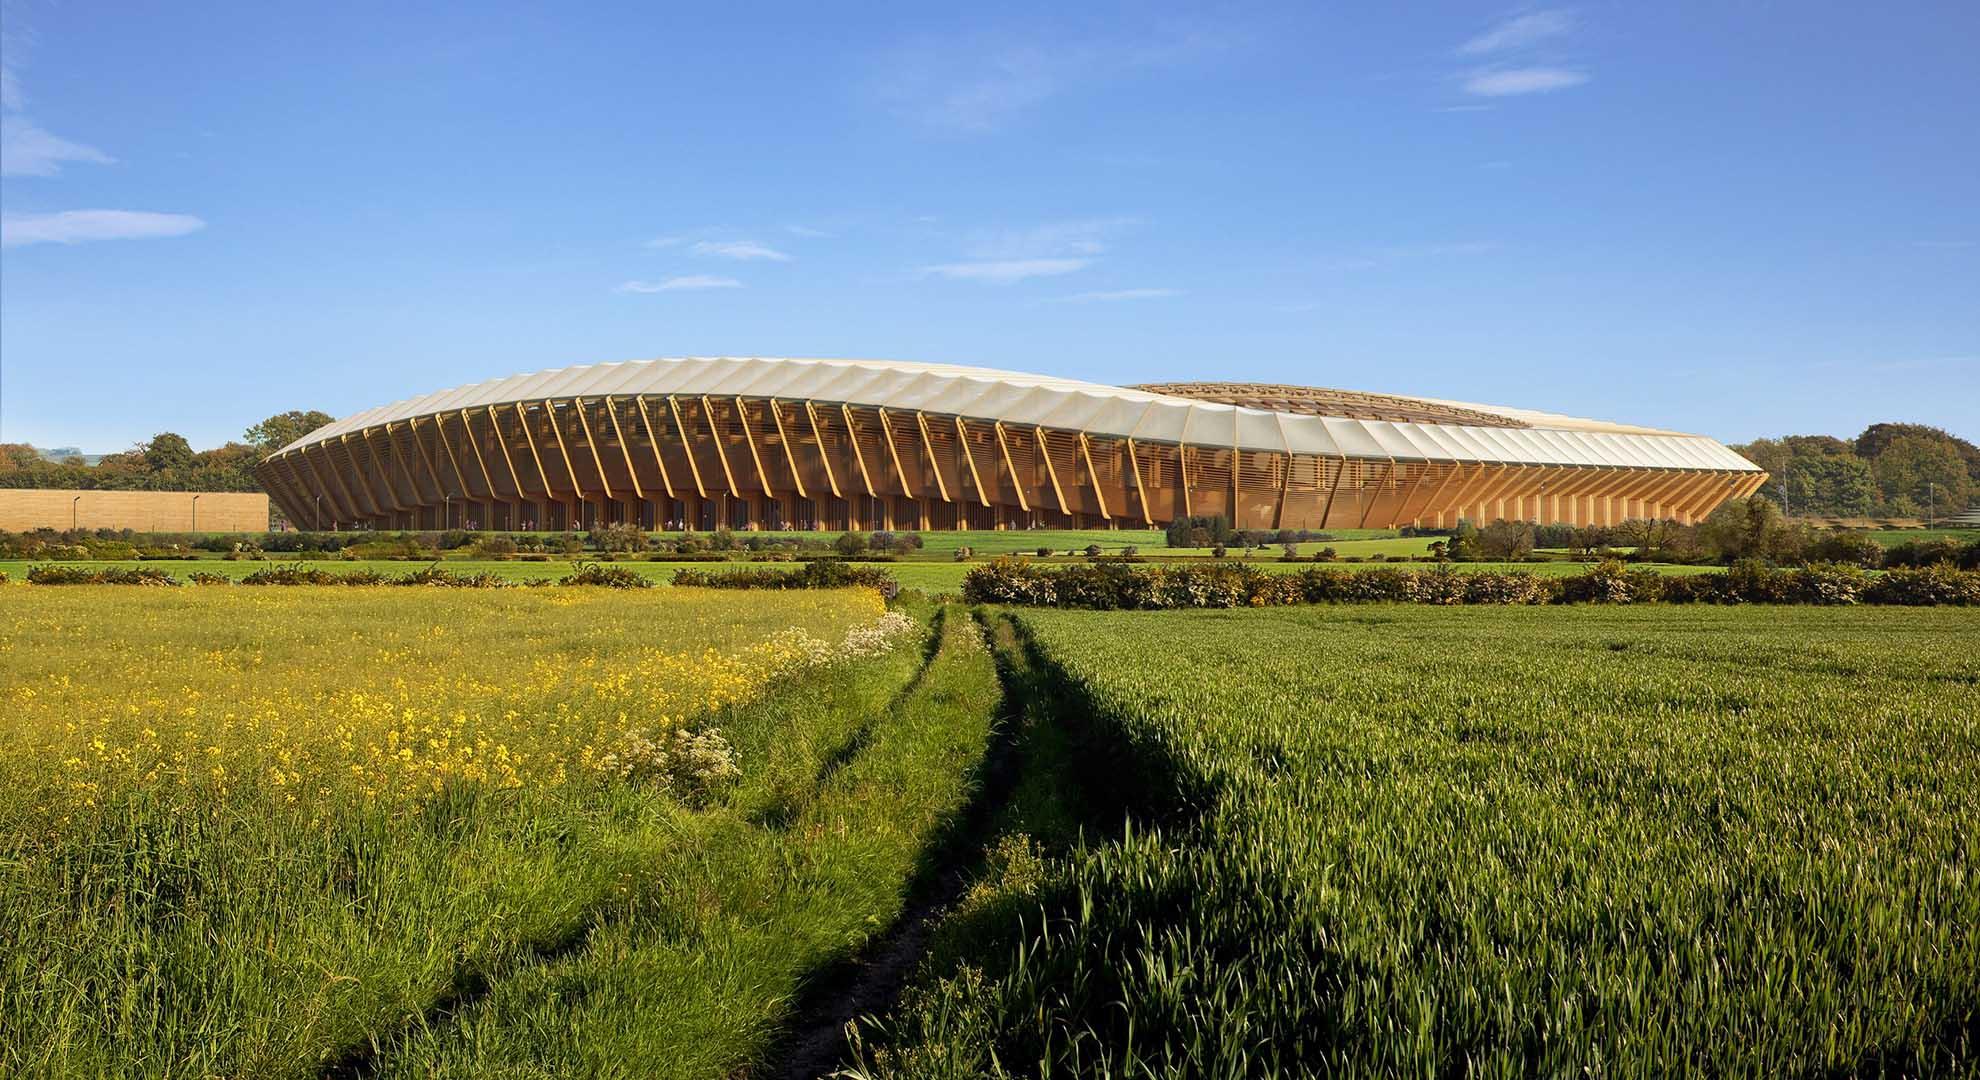 El club de fútbol Forest Green Rovers, premiado por su arquitectura sostenible